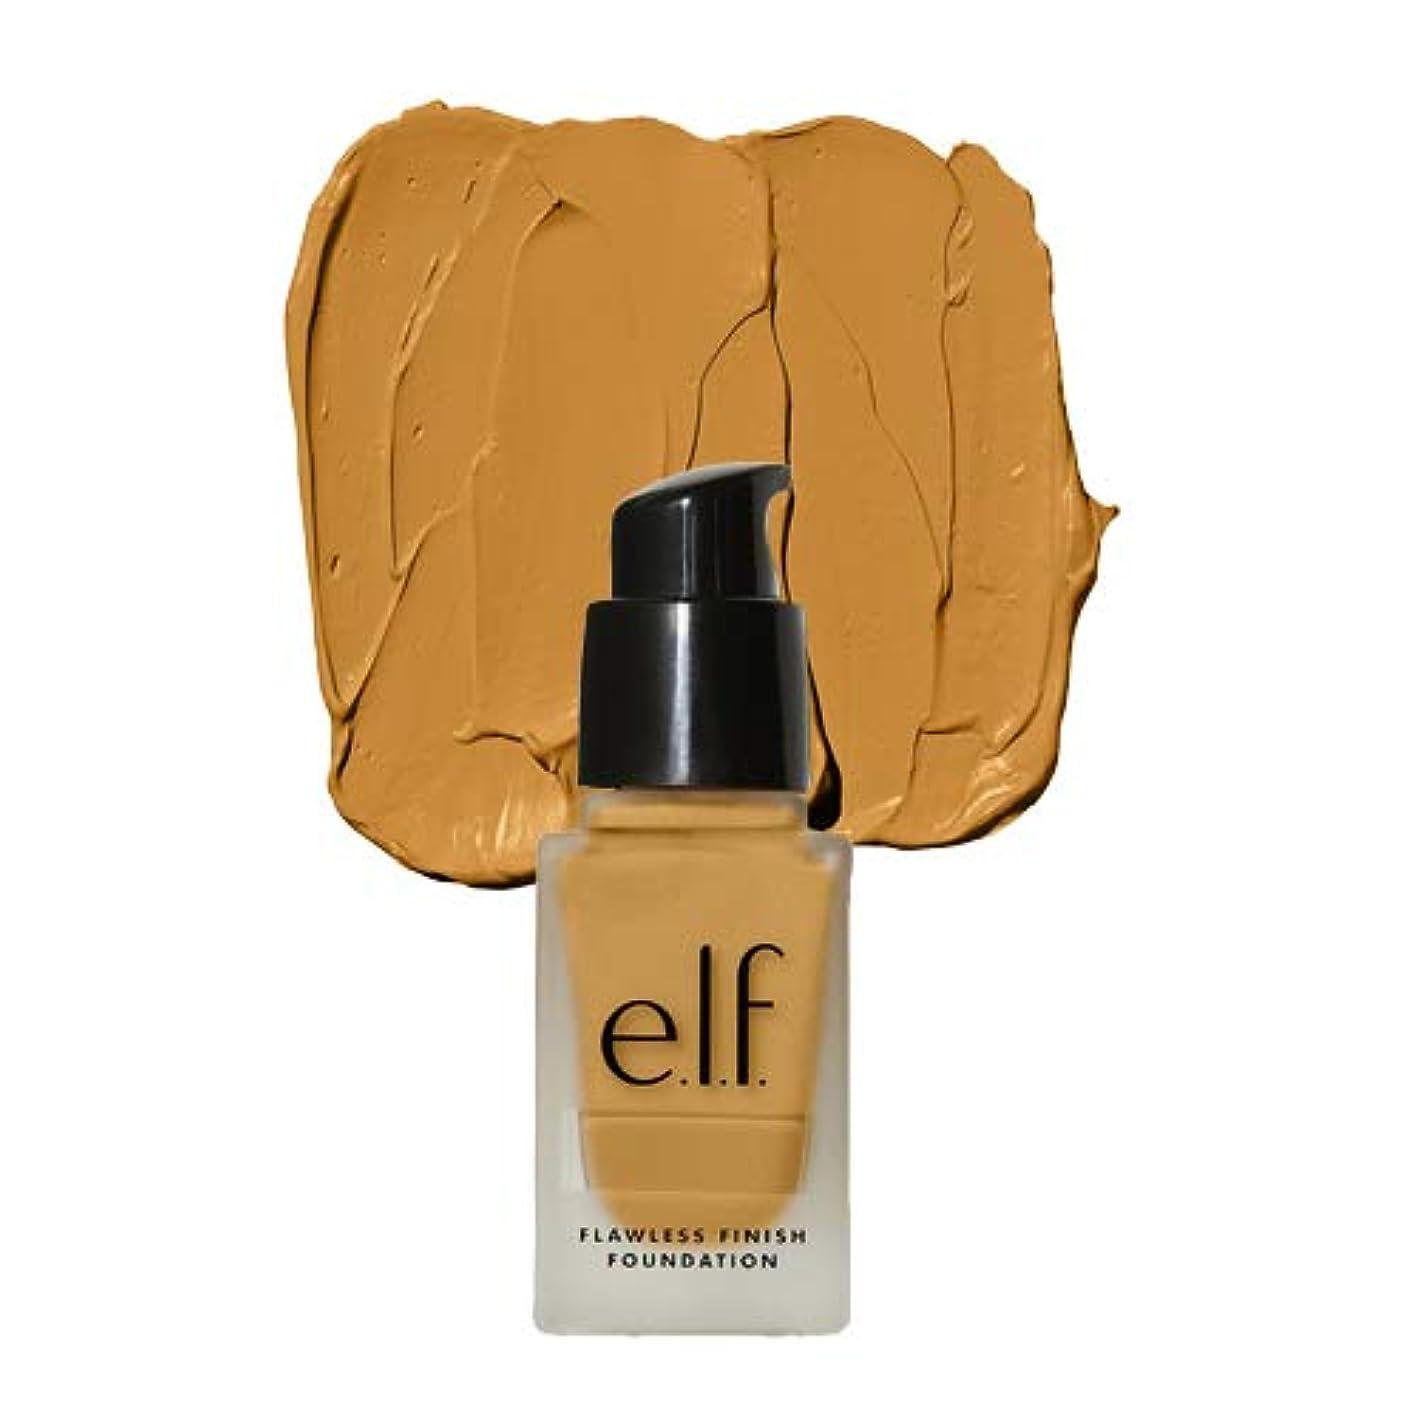 マイナーコミュニティ優しいe.l.f. Oil Free Flawless Finish Foundation - Almond (並行輸入品)